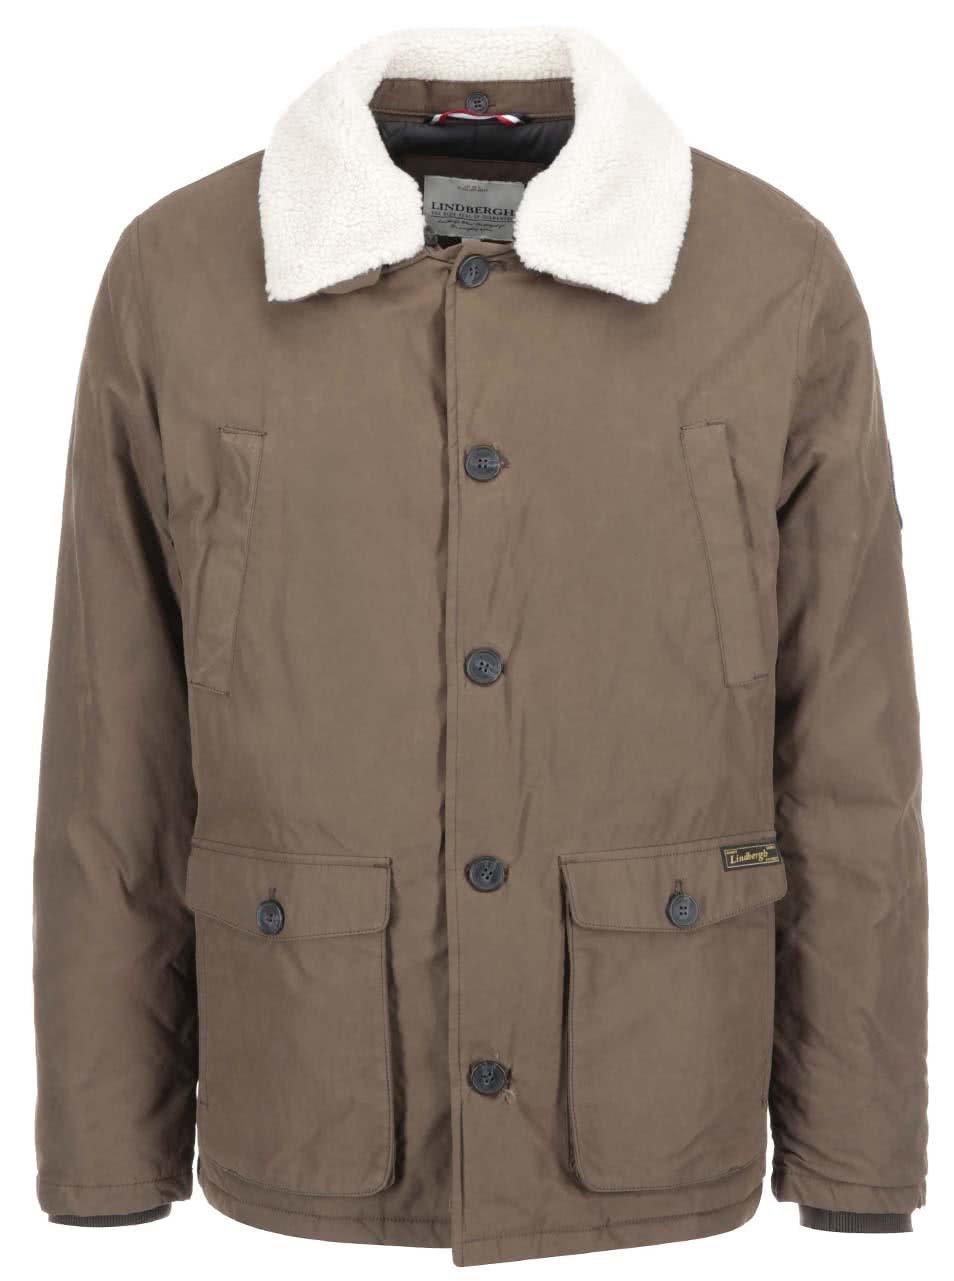 Hnedá bunda s kožušinovým golierom Lindbergh ... ba720bab8e8